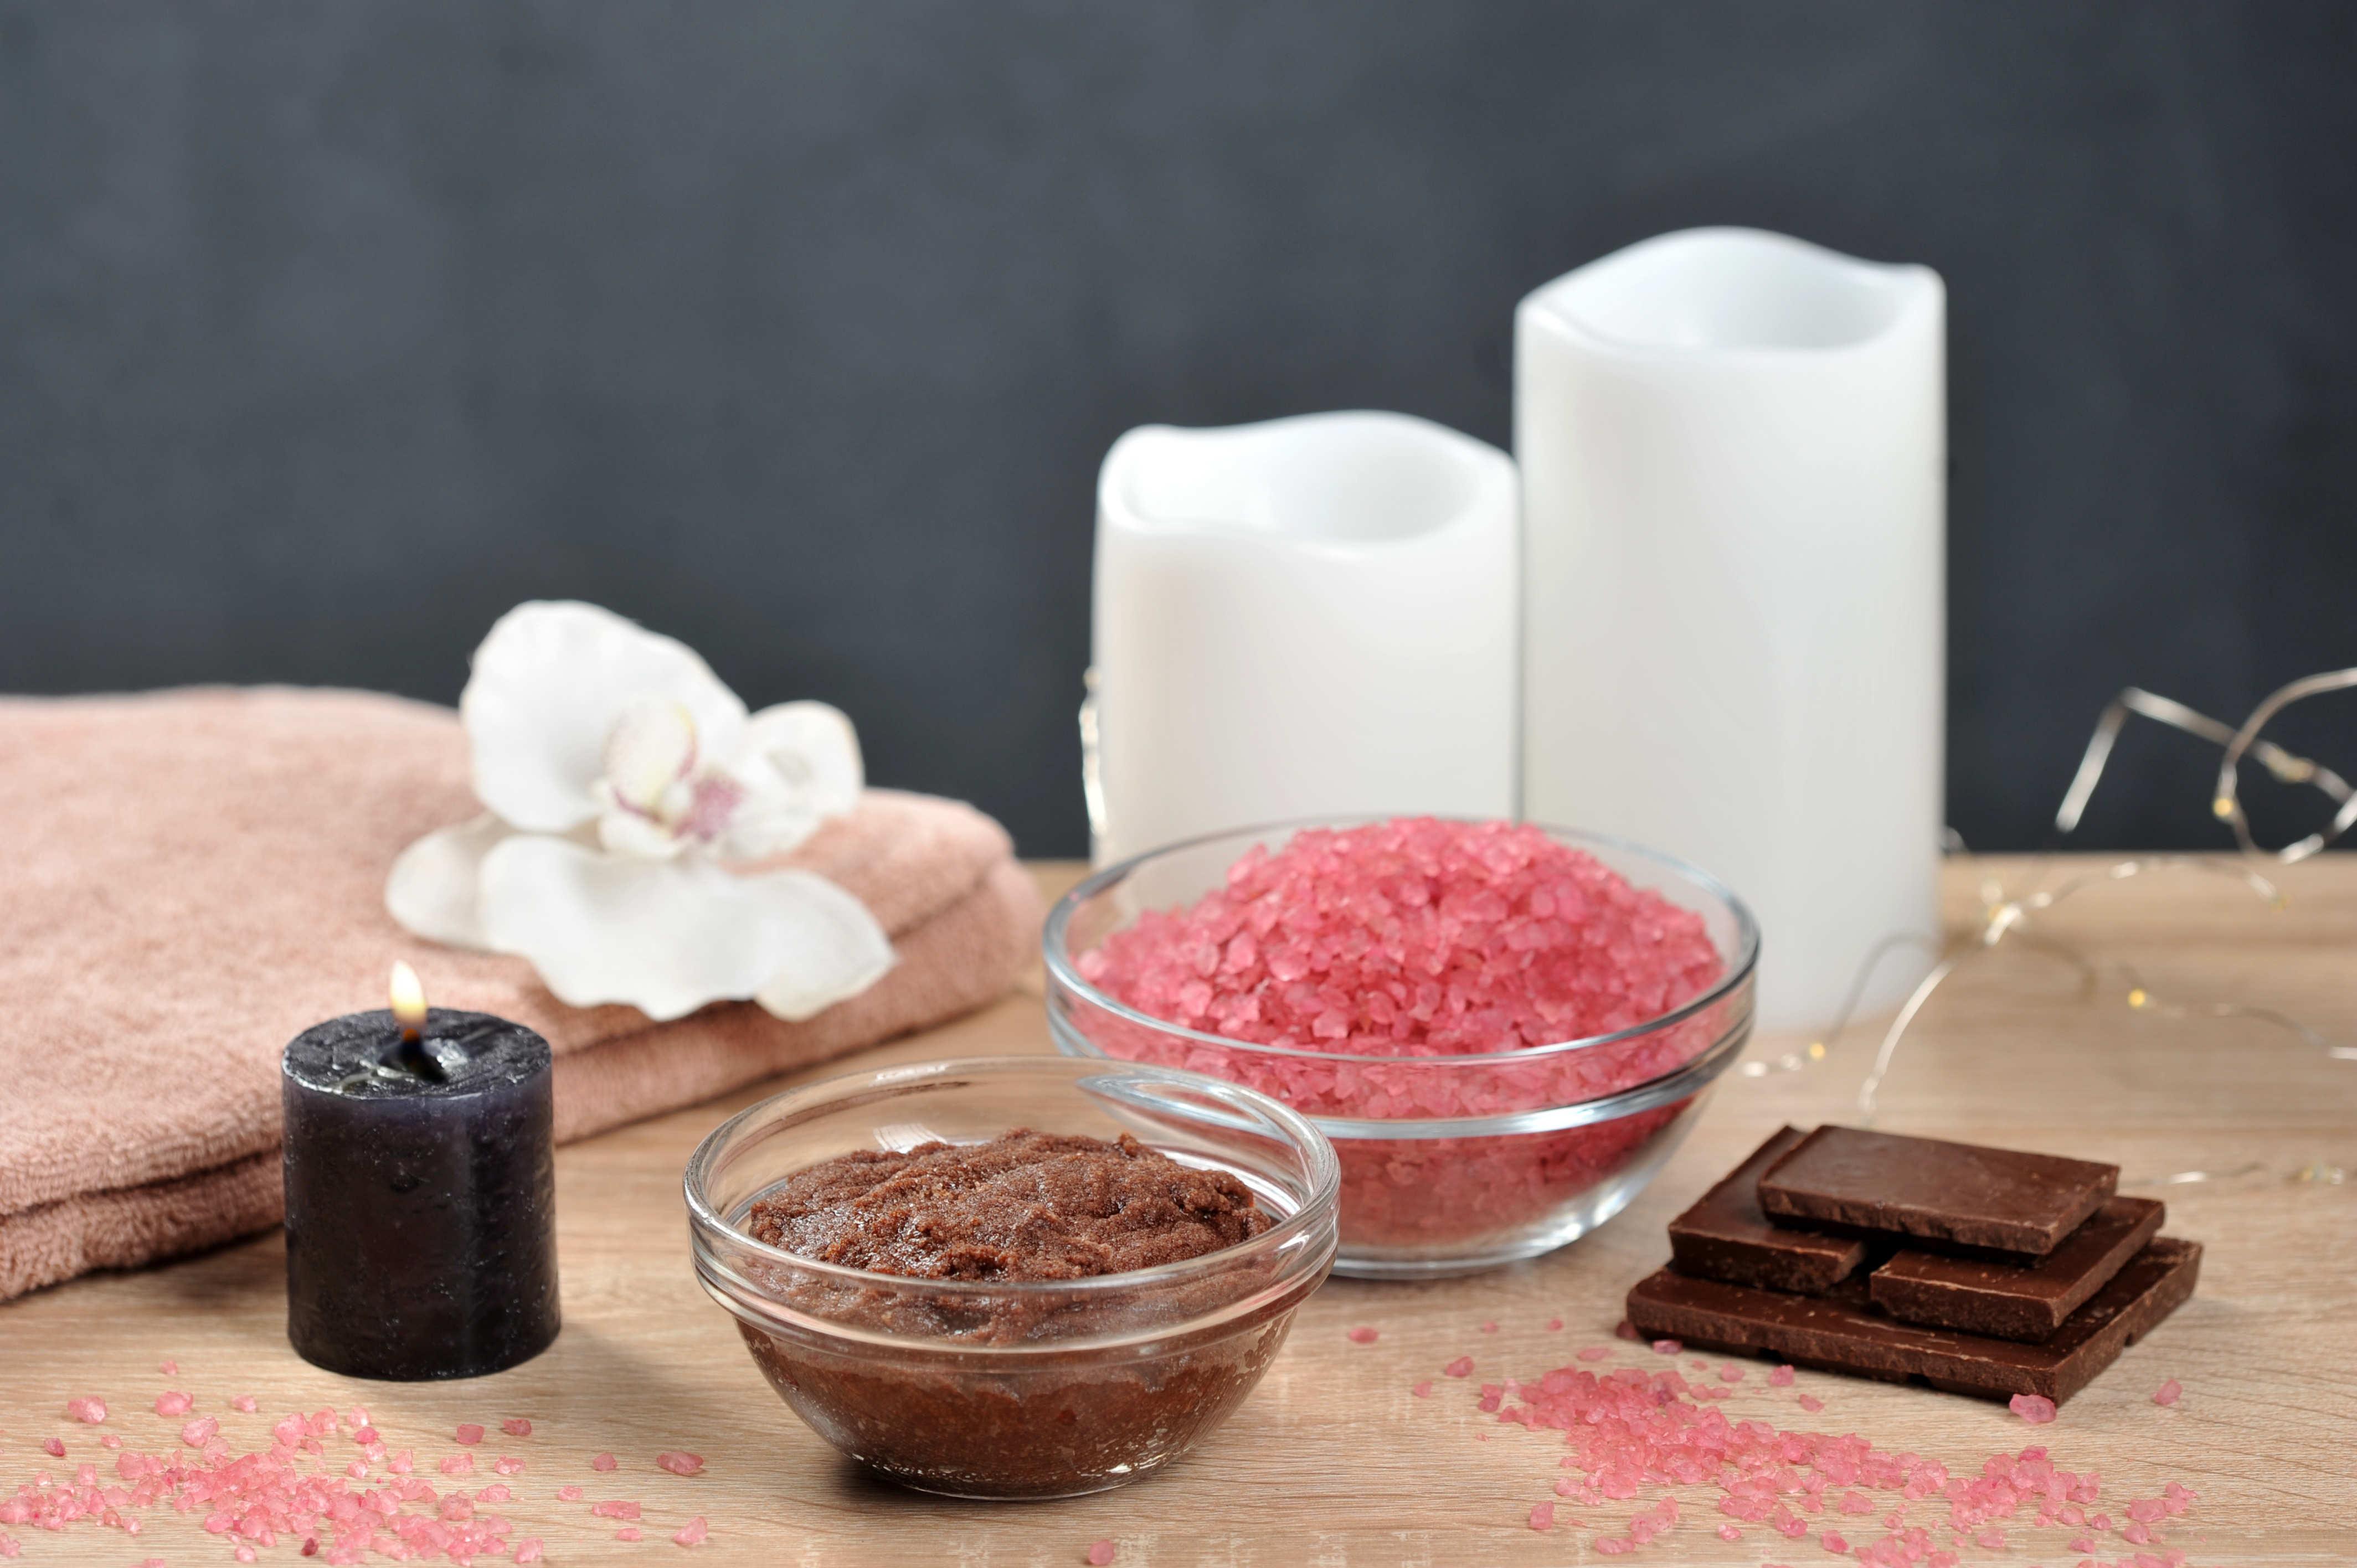 Recettes beauté au chocolat - On adore - Blog La Foir'Fouille